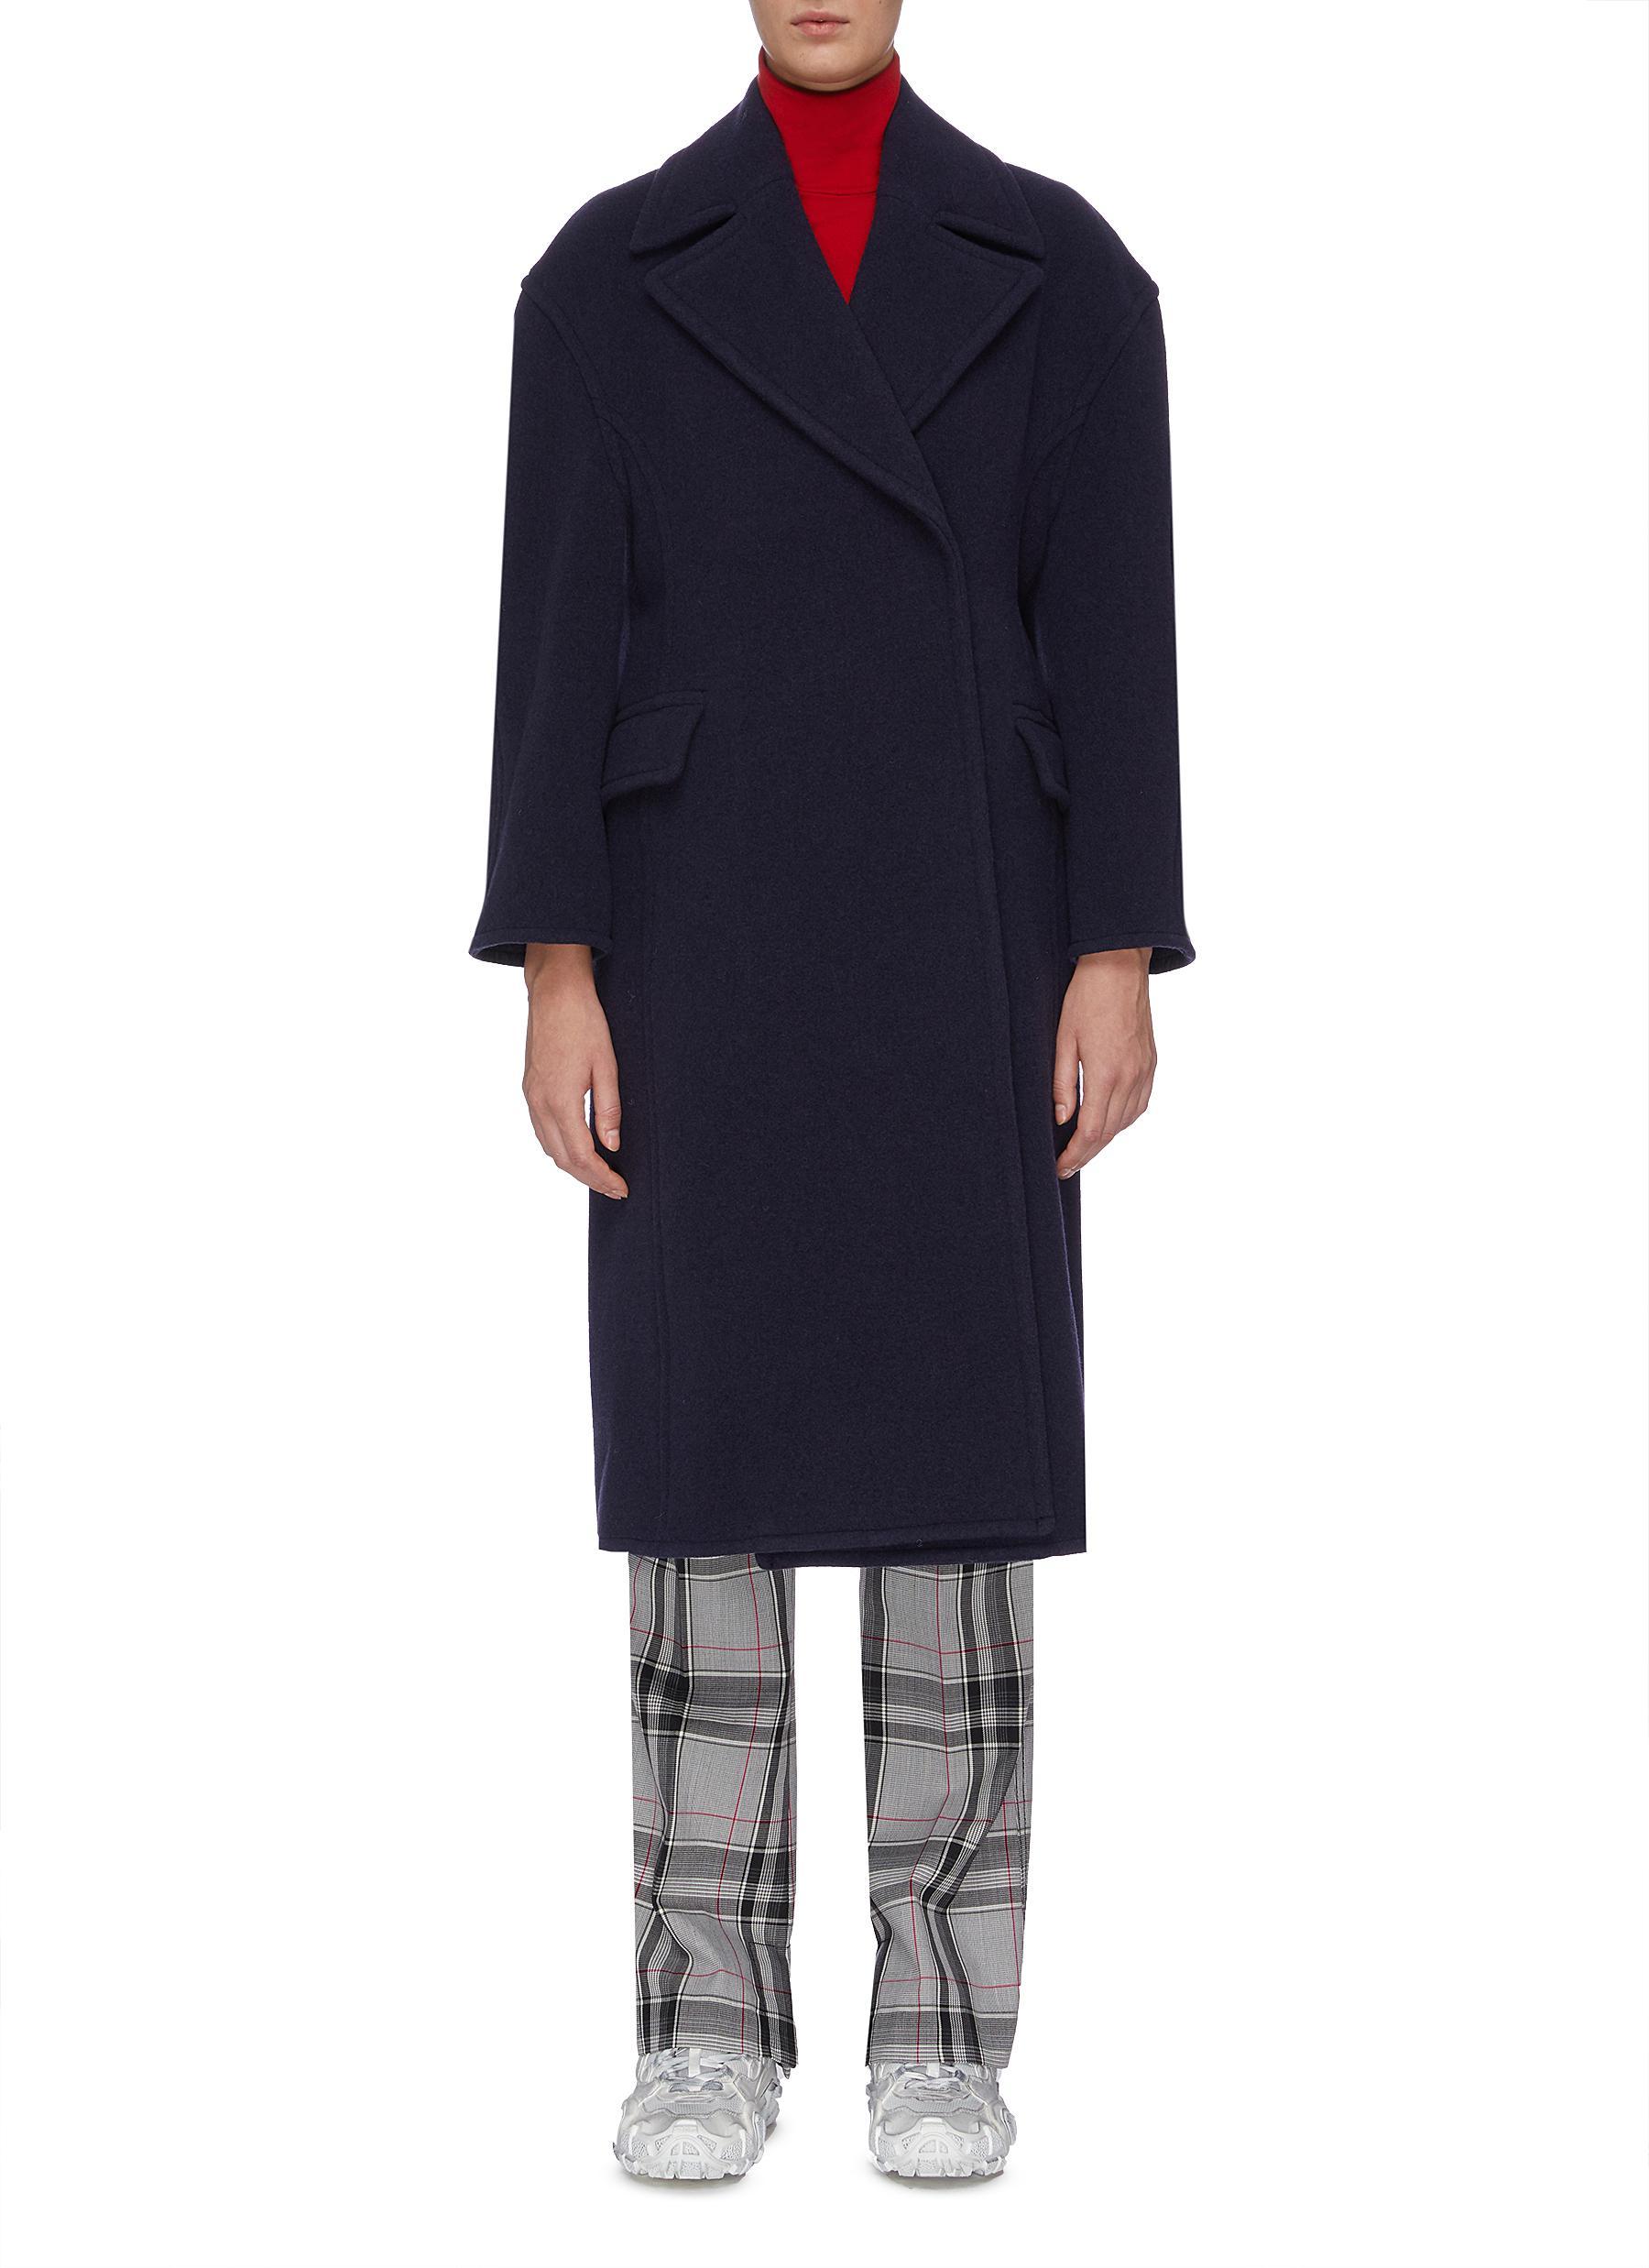 Wool-blend coat by Acne Studios